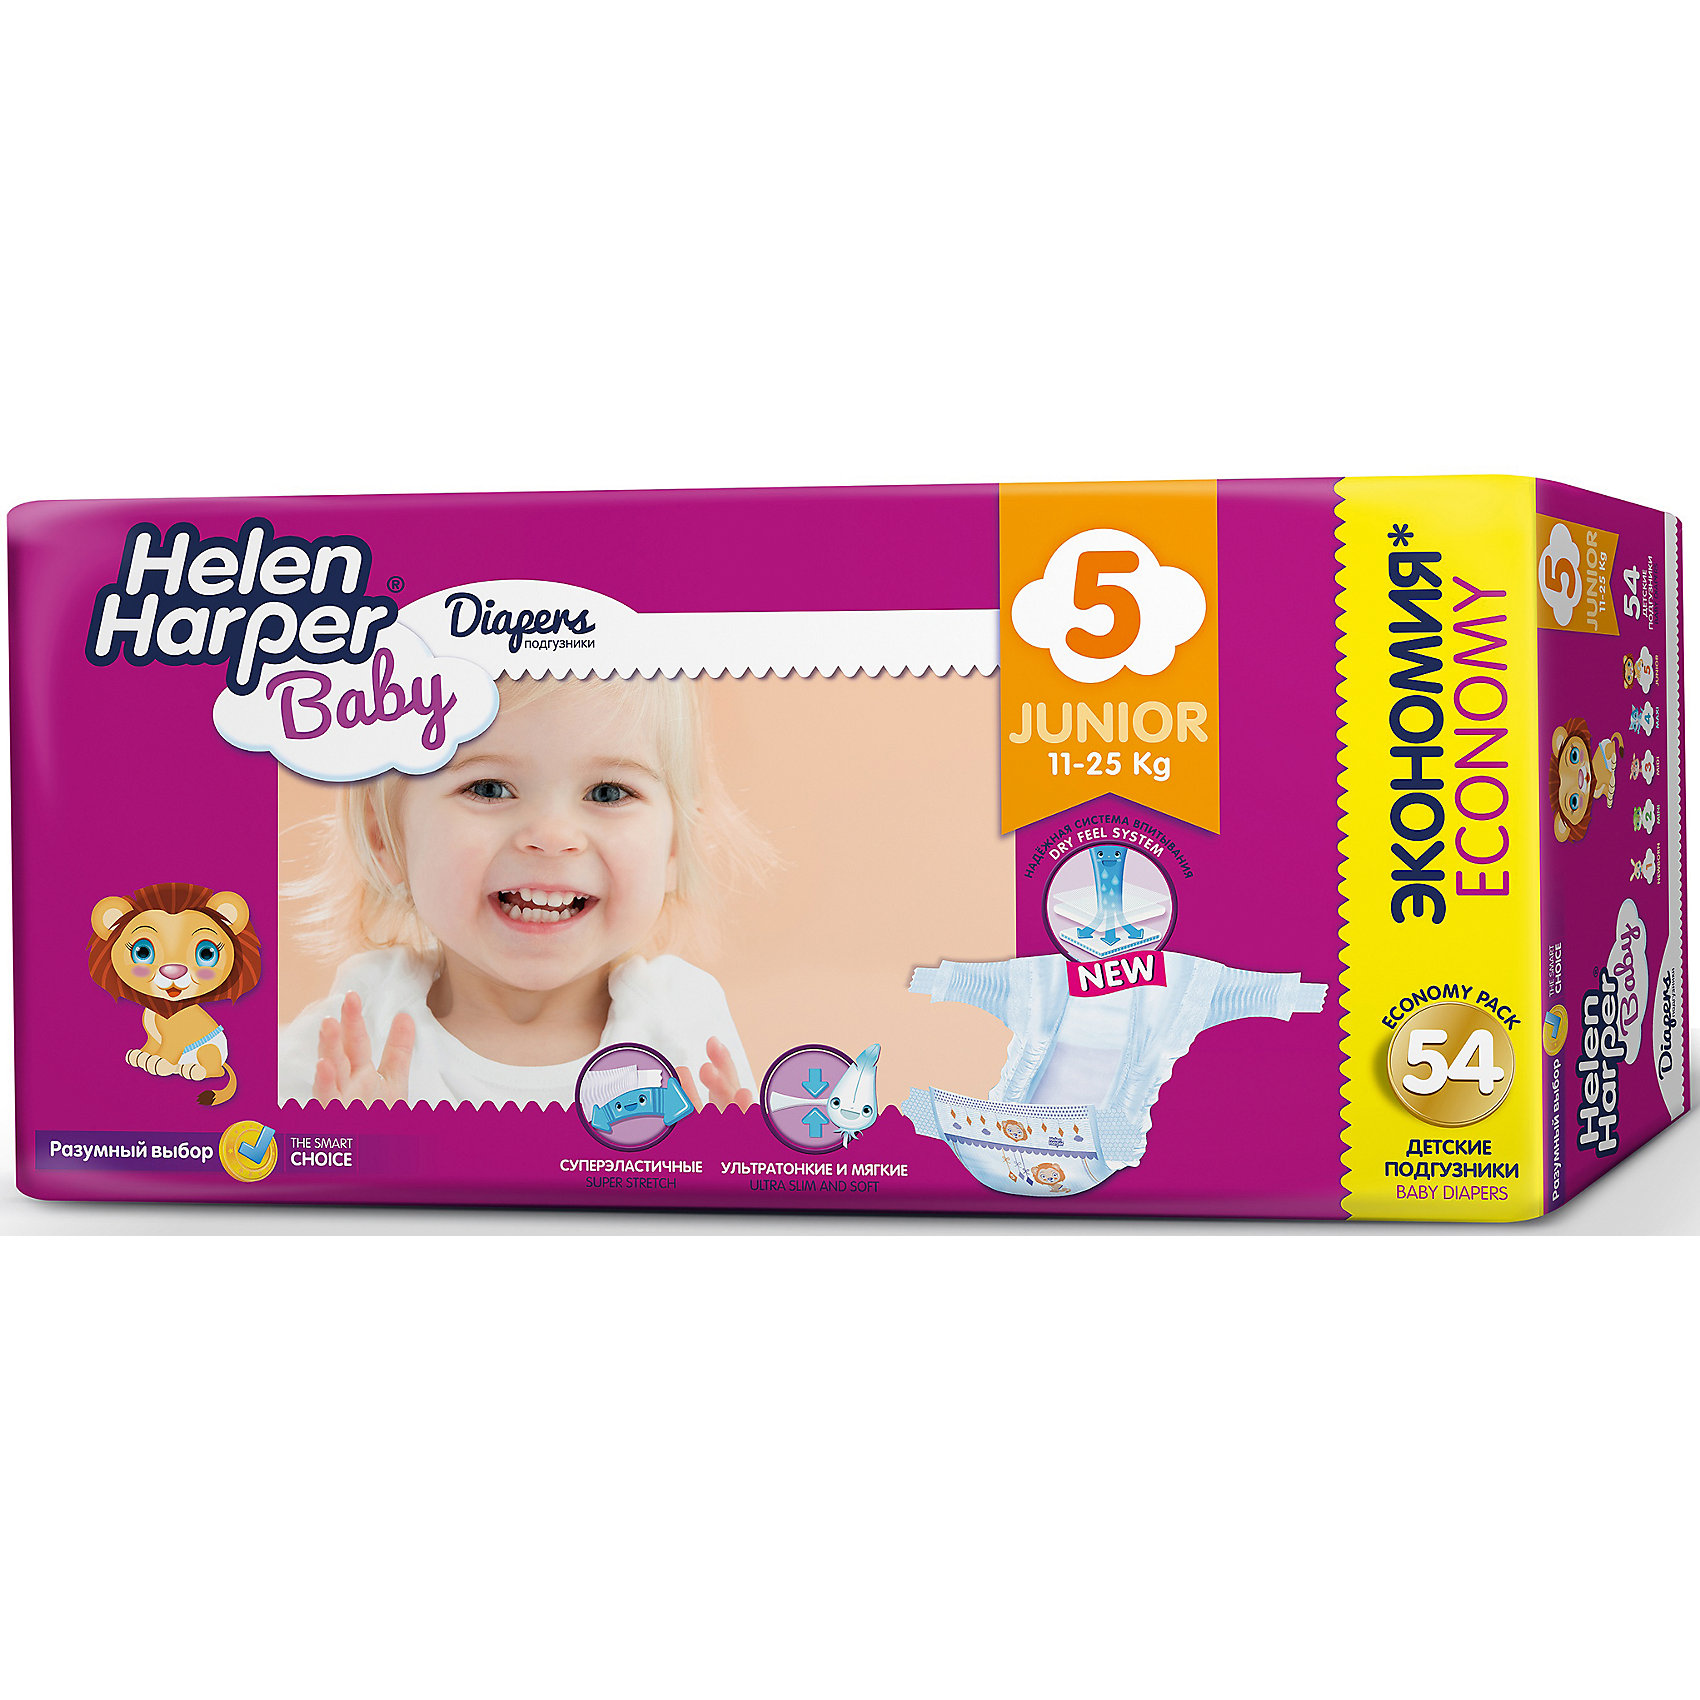 Подгузники Junior Helen Harper Baby 11-25 кг., 54 шт.Подгузники более 12 кг.<br>Детские подгузники Helen Harper Baby отличаются красочным дизайном и превосходным качеством. Они выполнены из гипоаллергенного дышащего материала без отдушек и ароматизаторов, имеют многоразовые застежки-липучки с пониженным уровнем шума. Уникальная система впитывания надежно удерживает жидкость внутри подгузника, превращая ее в гель и защищая от протеканий. Мягкий внутренний слой препятствует возникновению раздражений на нежной коже малыша и обеспечивает дополнительный комфорт. Благодаря эластичным боковинам и особой анатомической форме подгузник хорошо прилегает к телу ребенка, при этом не стягивает и не натирает кожу.<br><br>Особенности:<br>Высокая впитываемость (система Dry Feel).<br>Внутренний мягкий слой подгузника препятствует возникновению раздражений и опрелостей.<br>Многоразовая застежка-липучка обеспечивает удобство в использовании.<br>Превосходно сидят благодаря анатомической форме подгузника.<br>Эластичные дышащие боковые оборочки препятствуют проникновению влаги наружу.<br>Выполнены из дышащего гипоаллергенного материала.<br><br>Ширина мм: 600<br>Глубина мм: 600<br>Высота мм: 200<br>Вес г: 2193<br>Возраст от месяцев: -2147483648<br>Возраст до месяцев: 2147483647<br>Пол: Унисекс<br>Возраст: Детский<br>SKU: 4729777